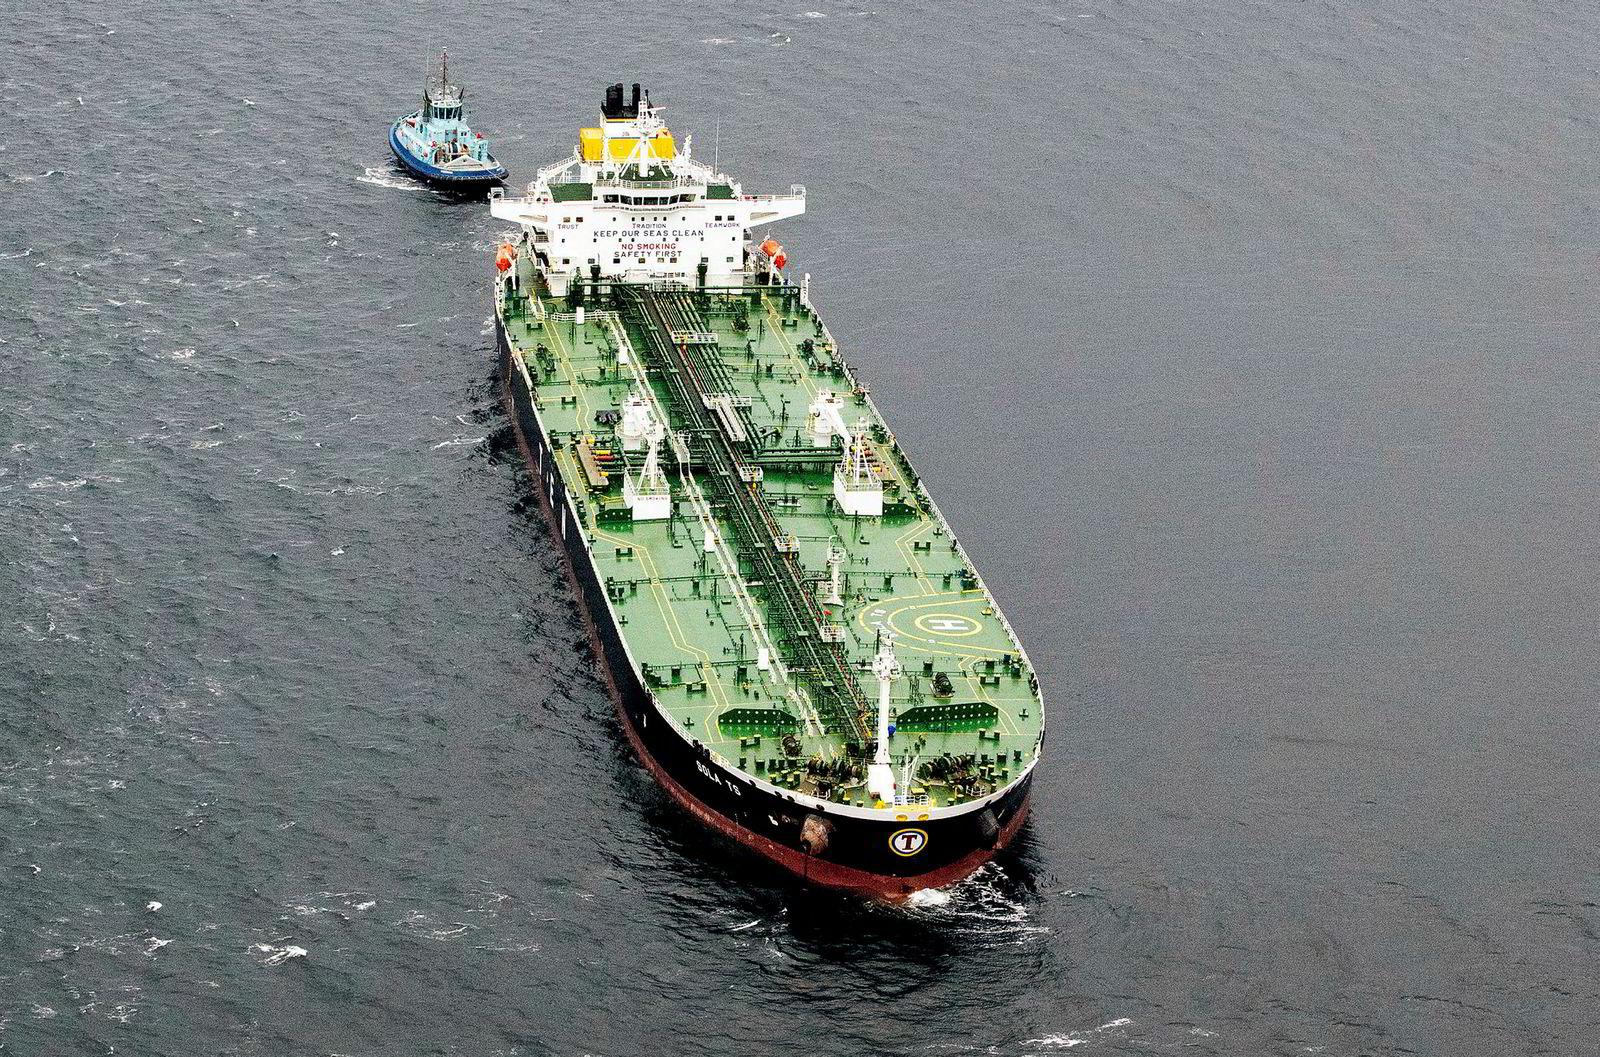 Tankskipet «Sola TS» som den norske fregatten «KNM Helge Ingstad» kolliderte med natt til torsdag, var nærmest uskadet etter sammenstøtet, og skulle ifølge rederiet seile videre lørdag.